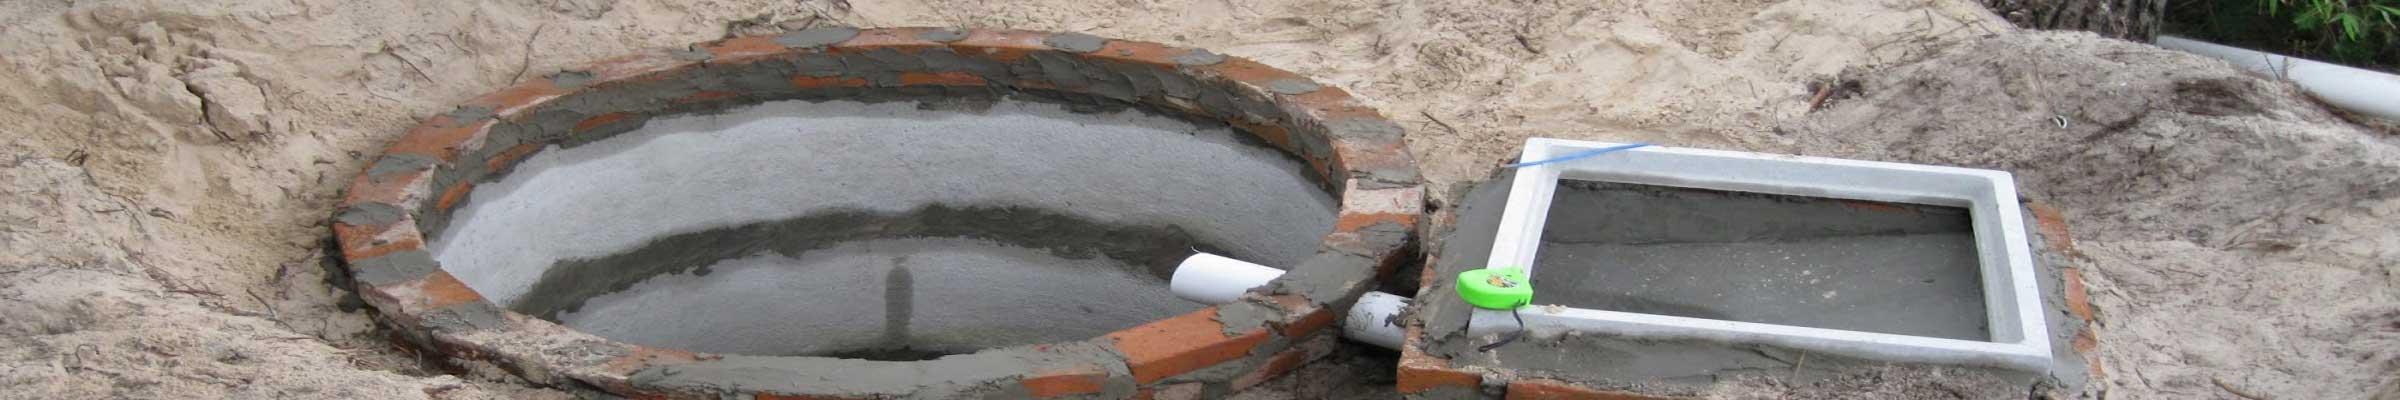 Limpieza de canalizaciones y mantenimiento